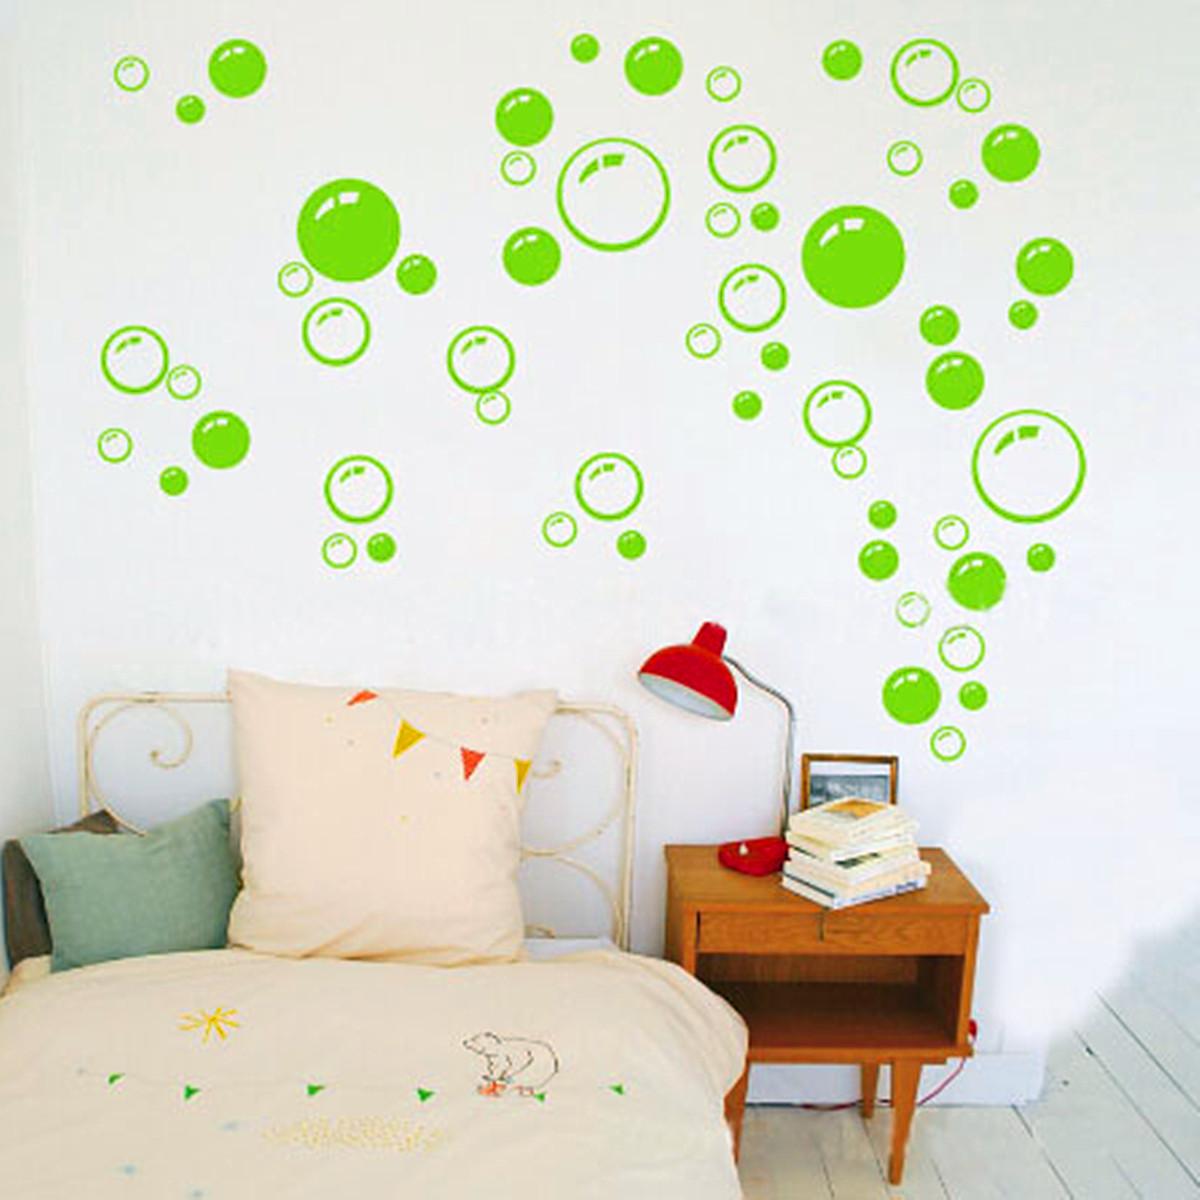 86 bulle d calque sticker autocollant mural mur fen tre for Decalque mural